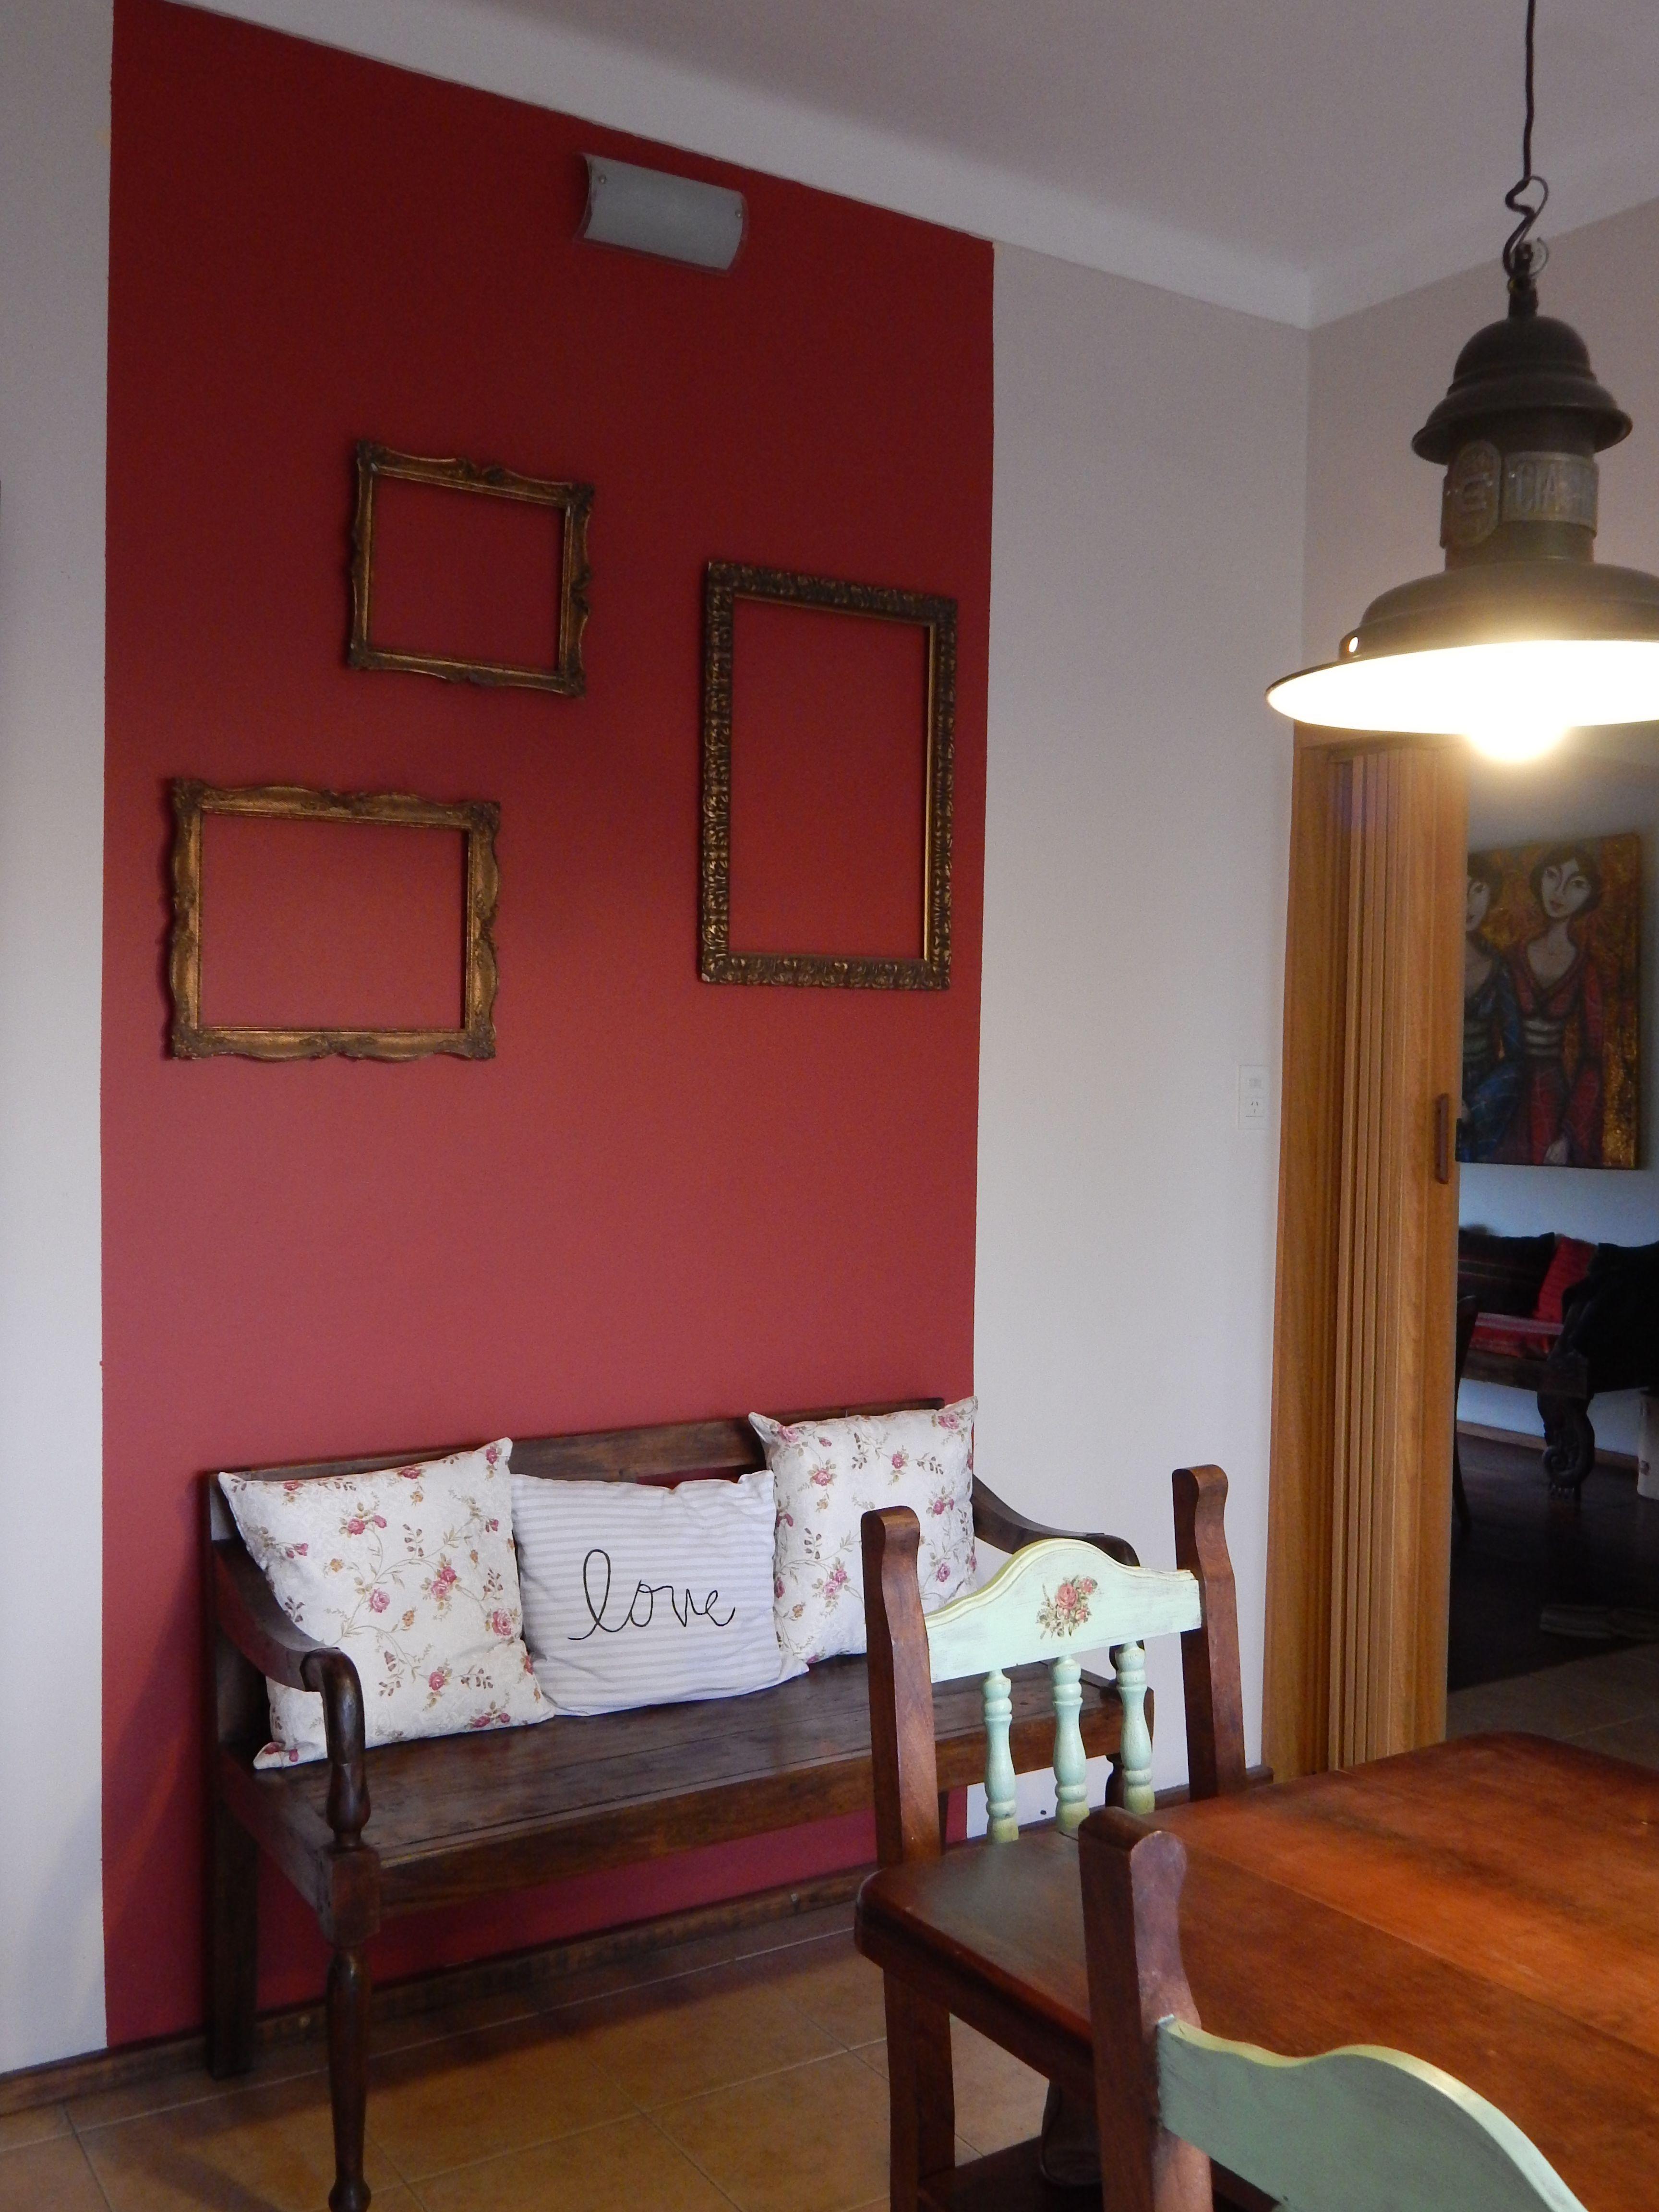 Toque de color en la pared del comedor, y marcos de cuadros antiguos ...